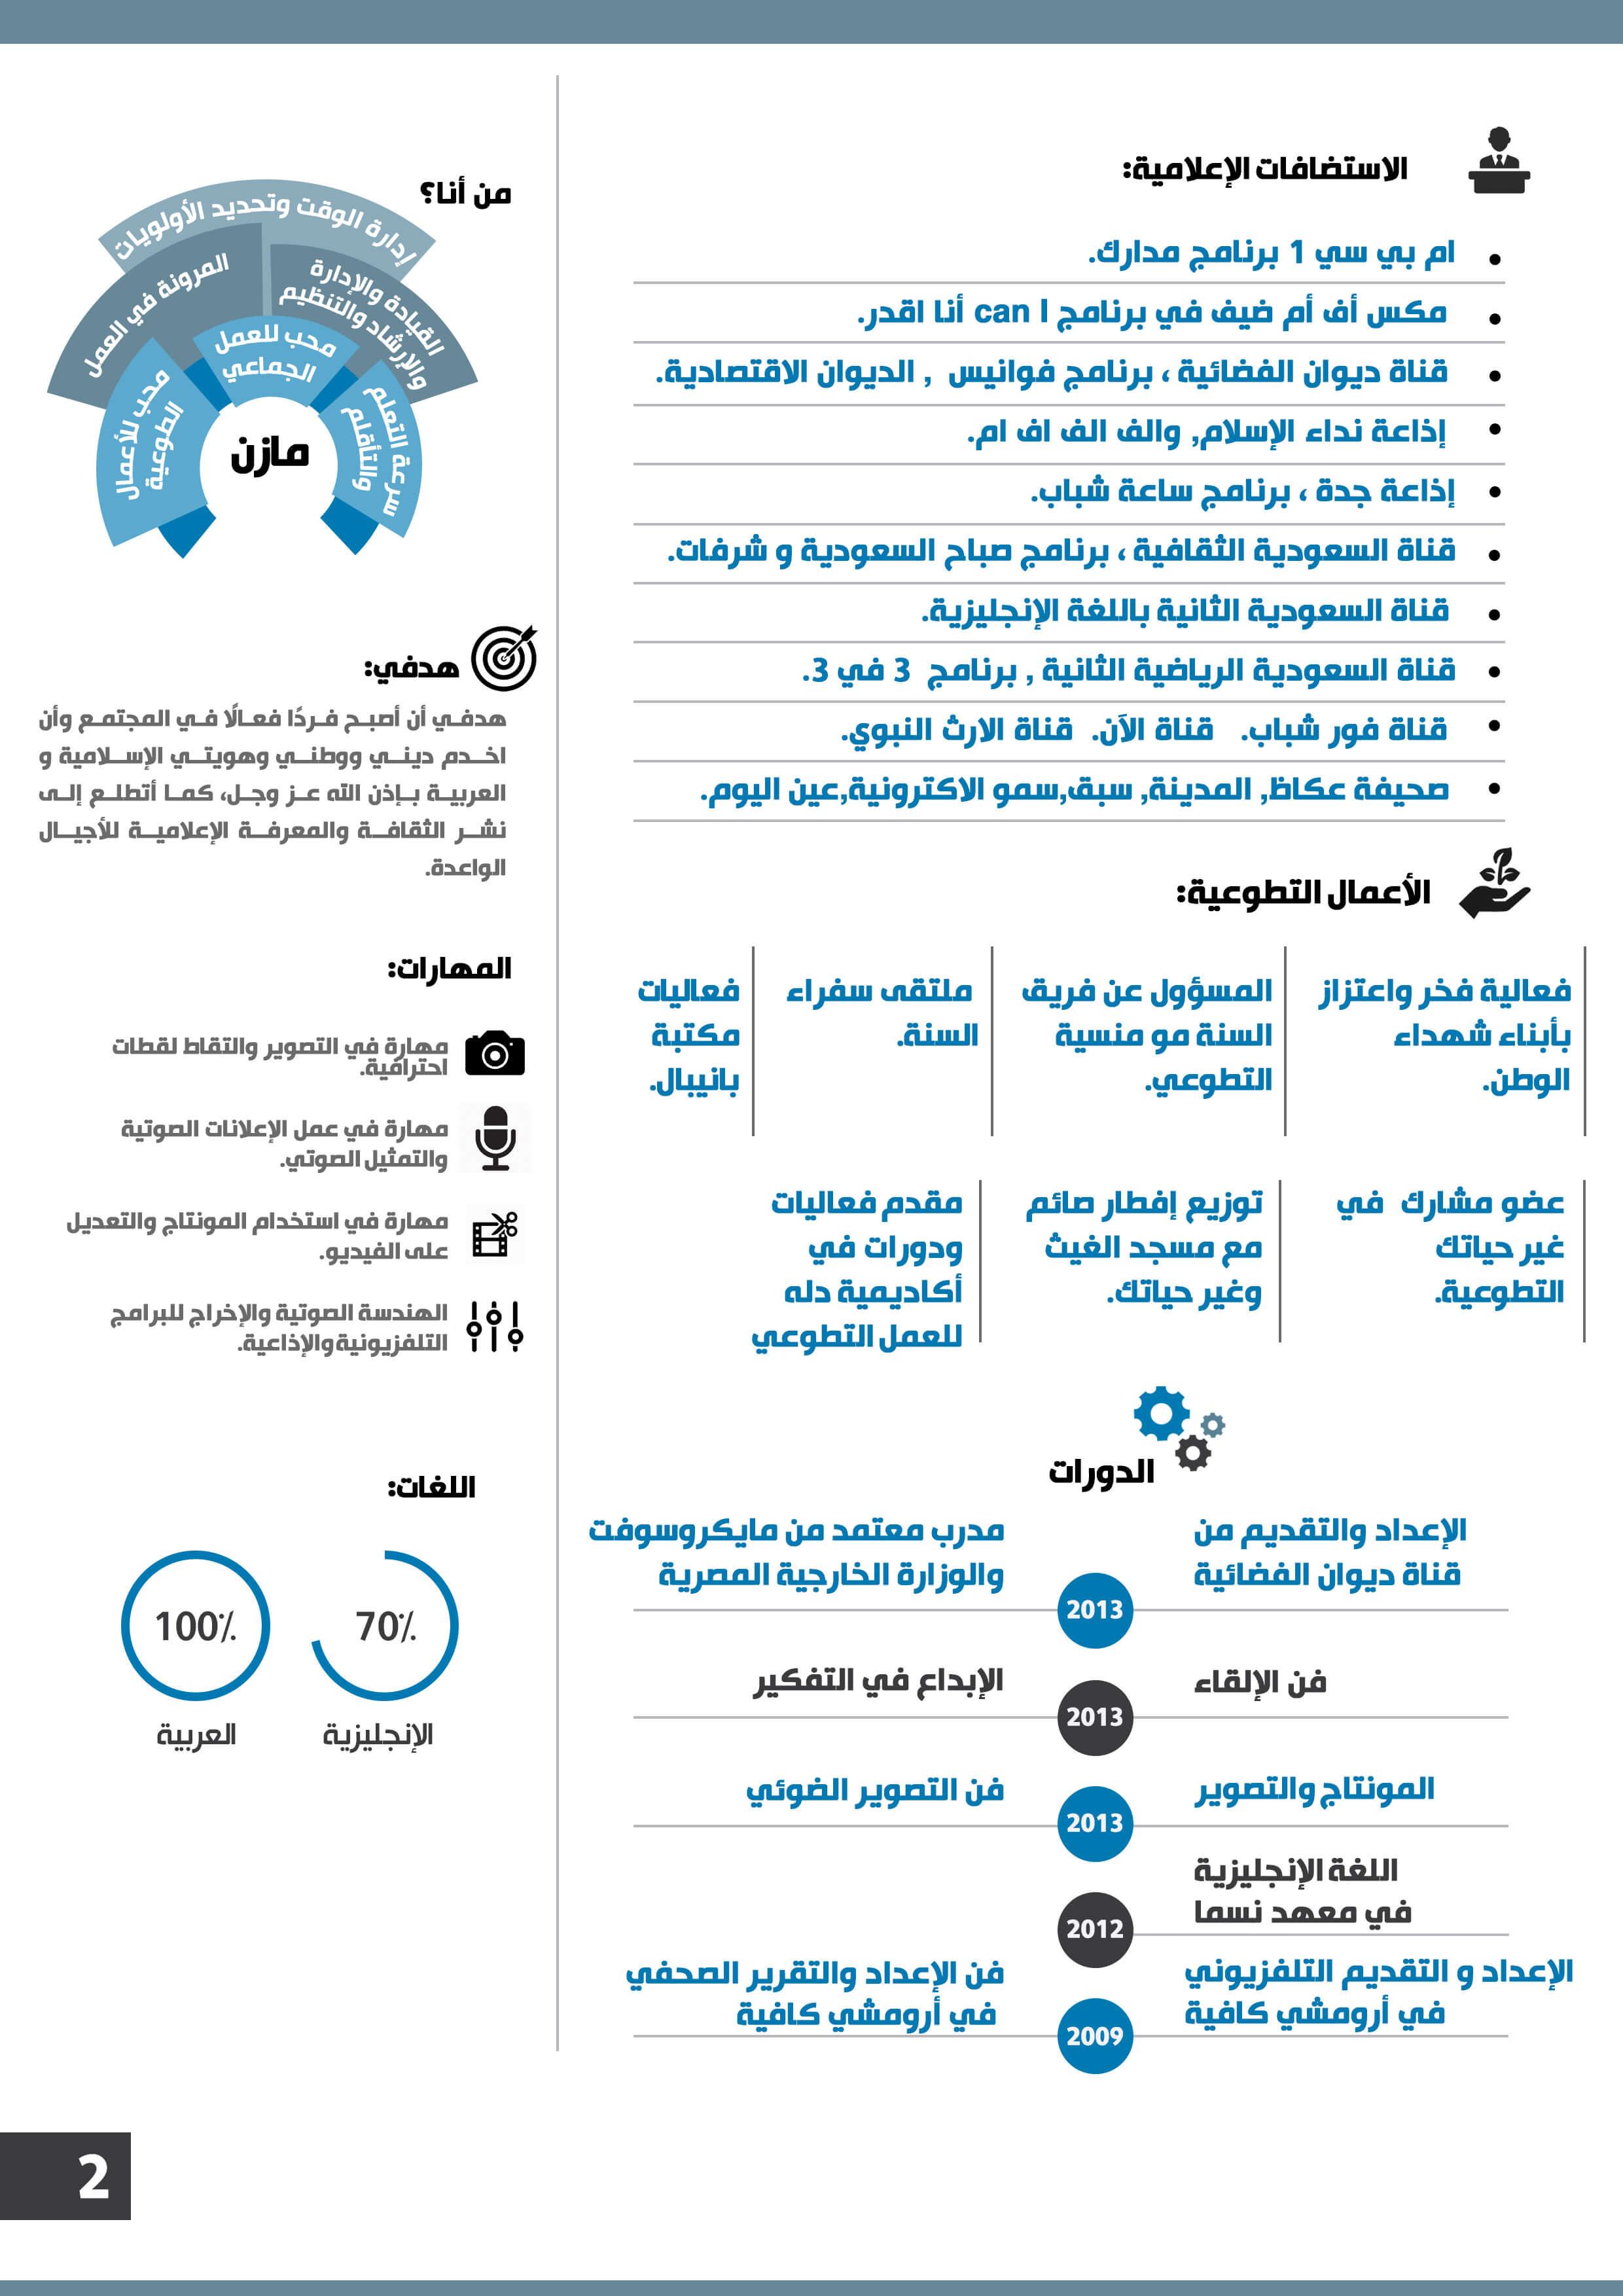 سيرة ذاتية انفوجرافيك الوان رسمية عربي او انجليزي